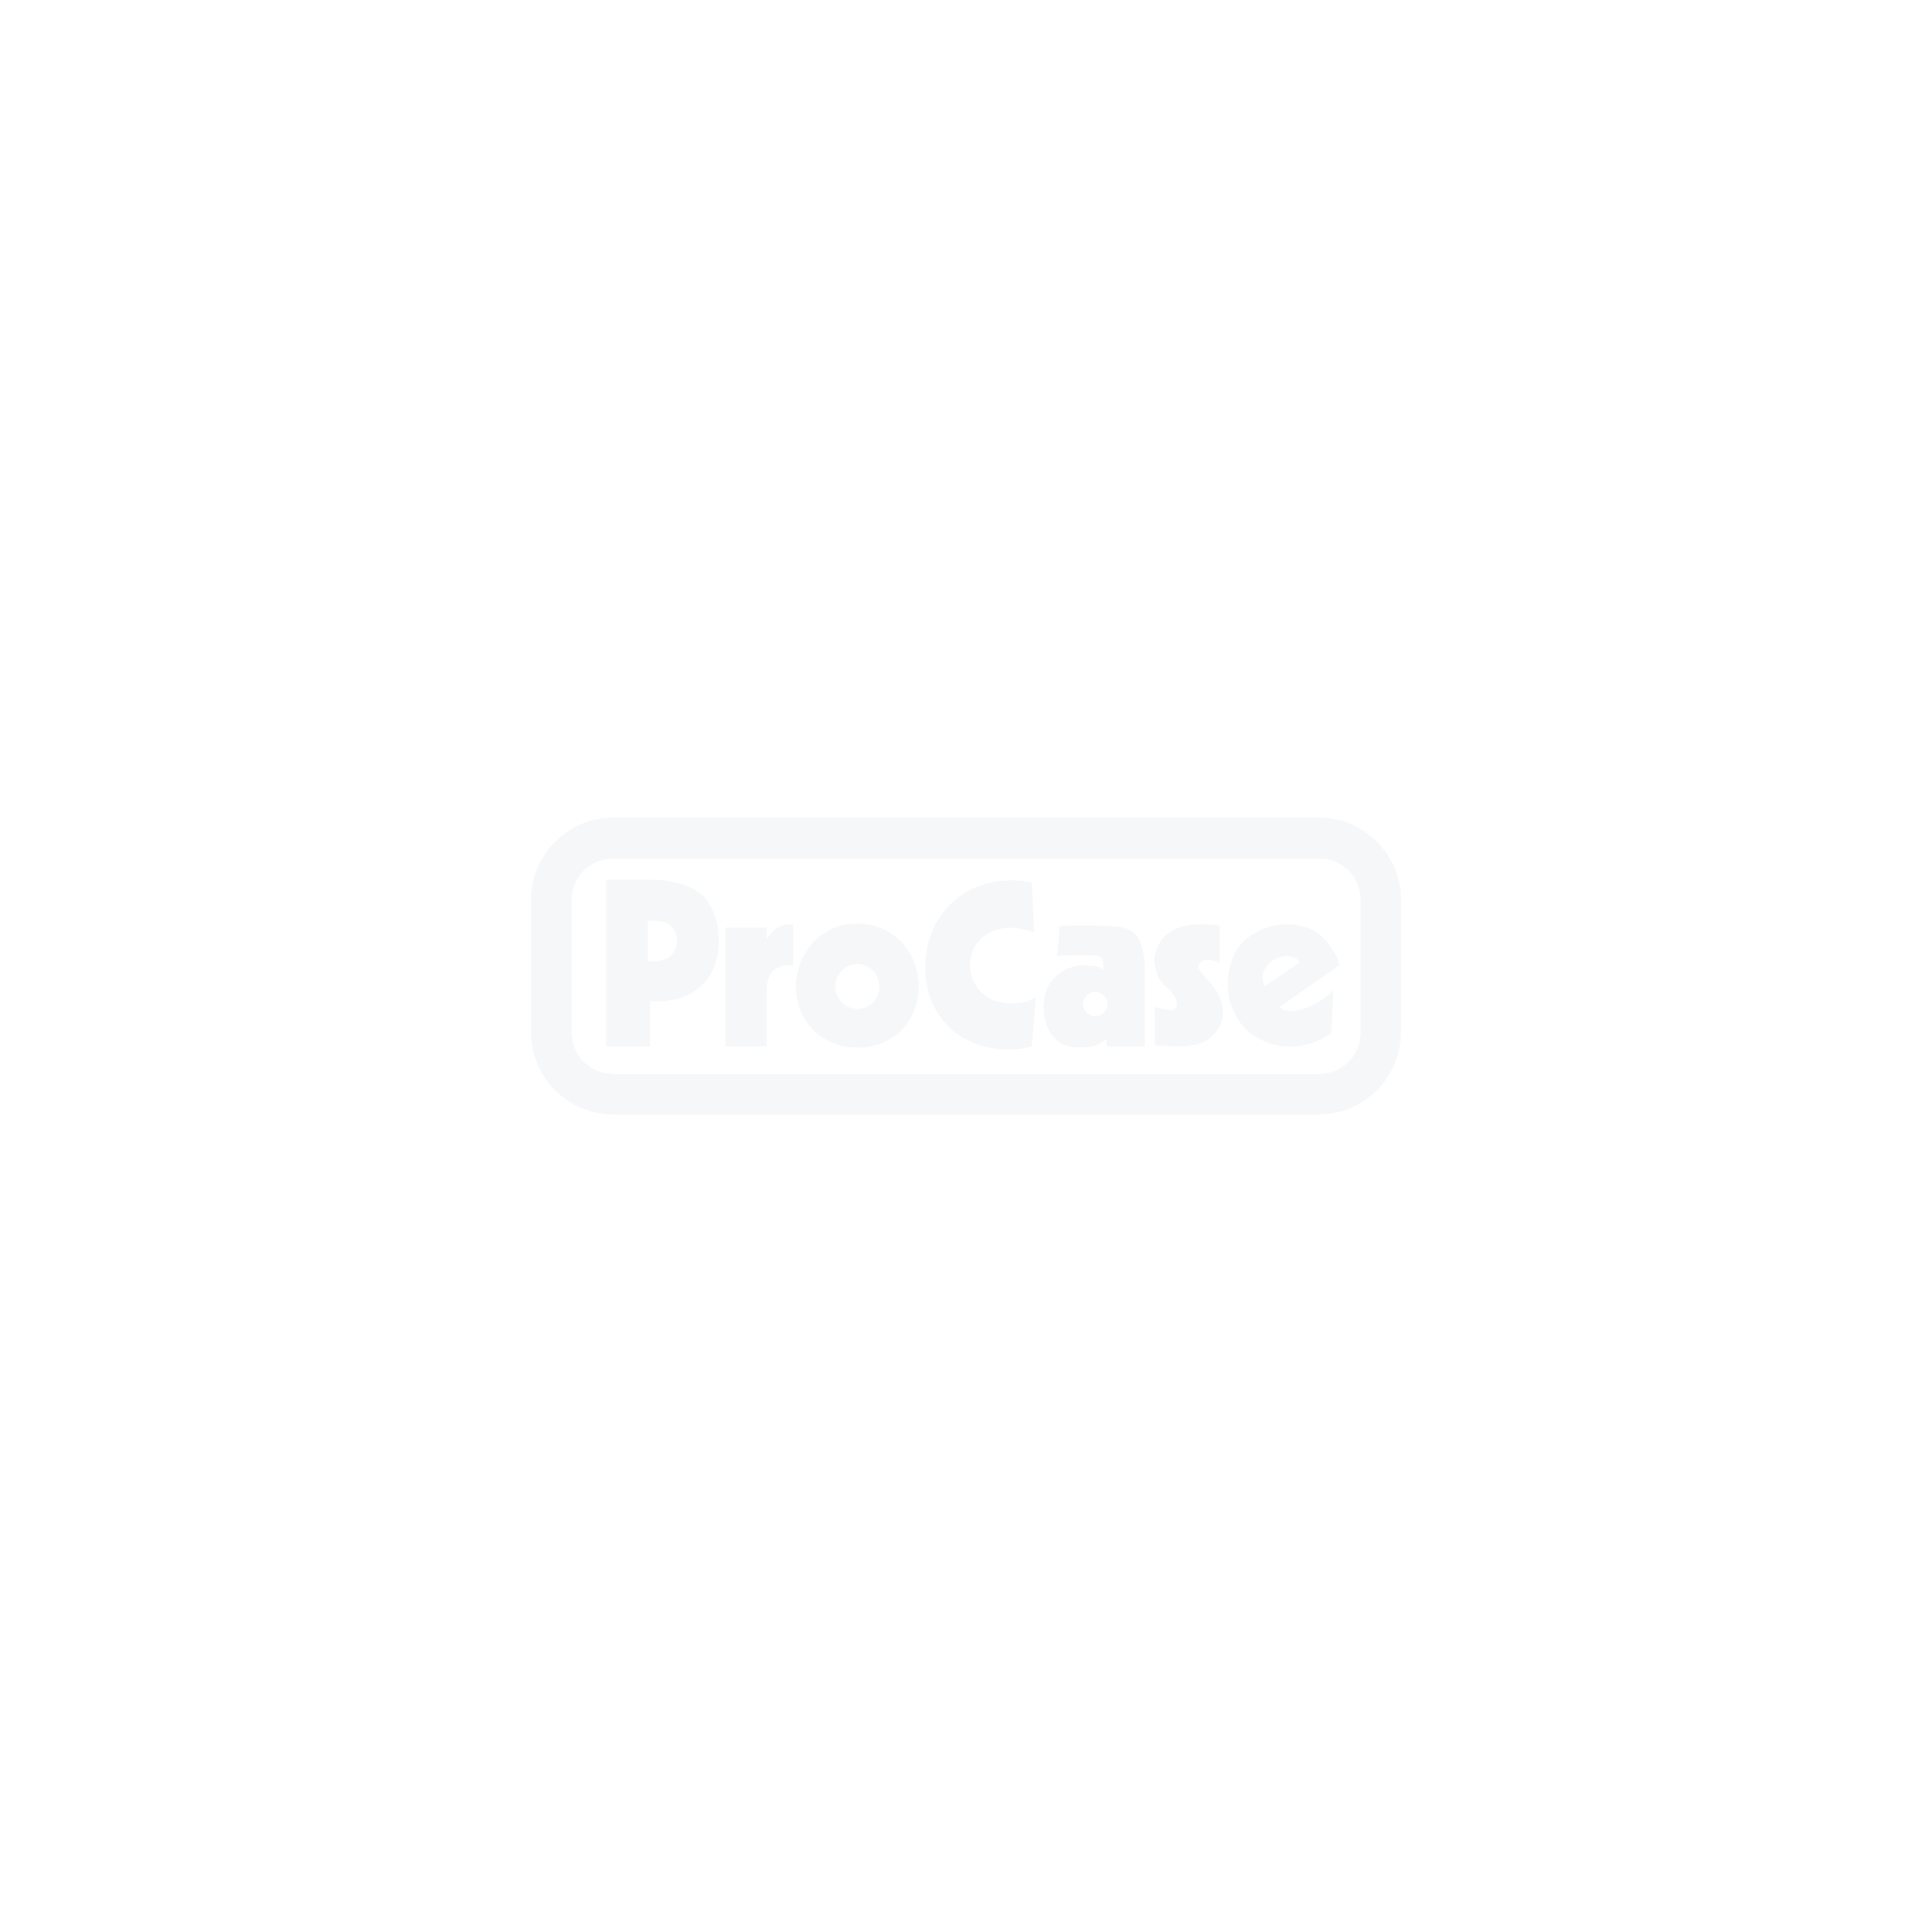 QSD-Rack 16HE 800 mm tief 4